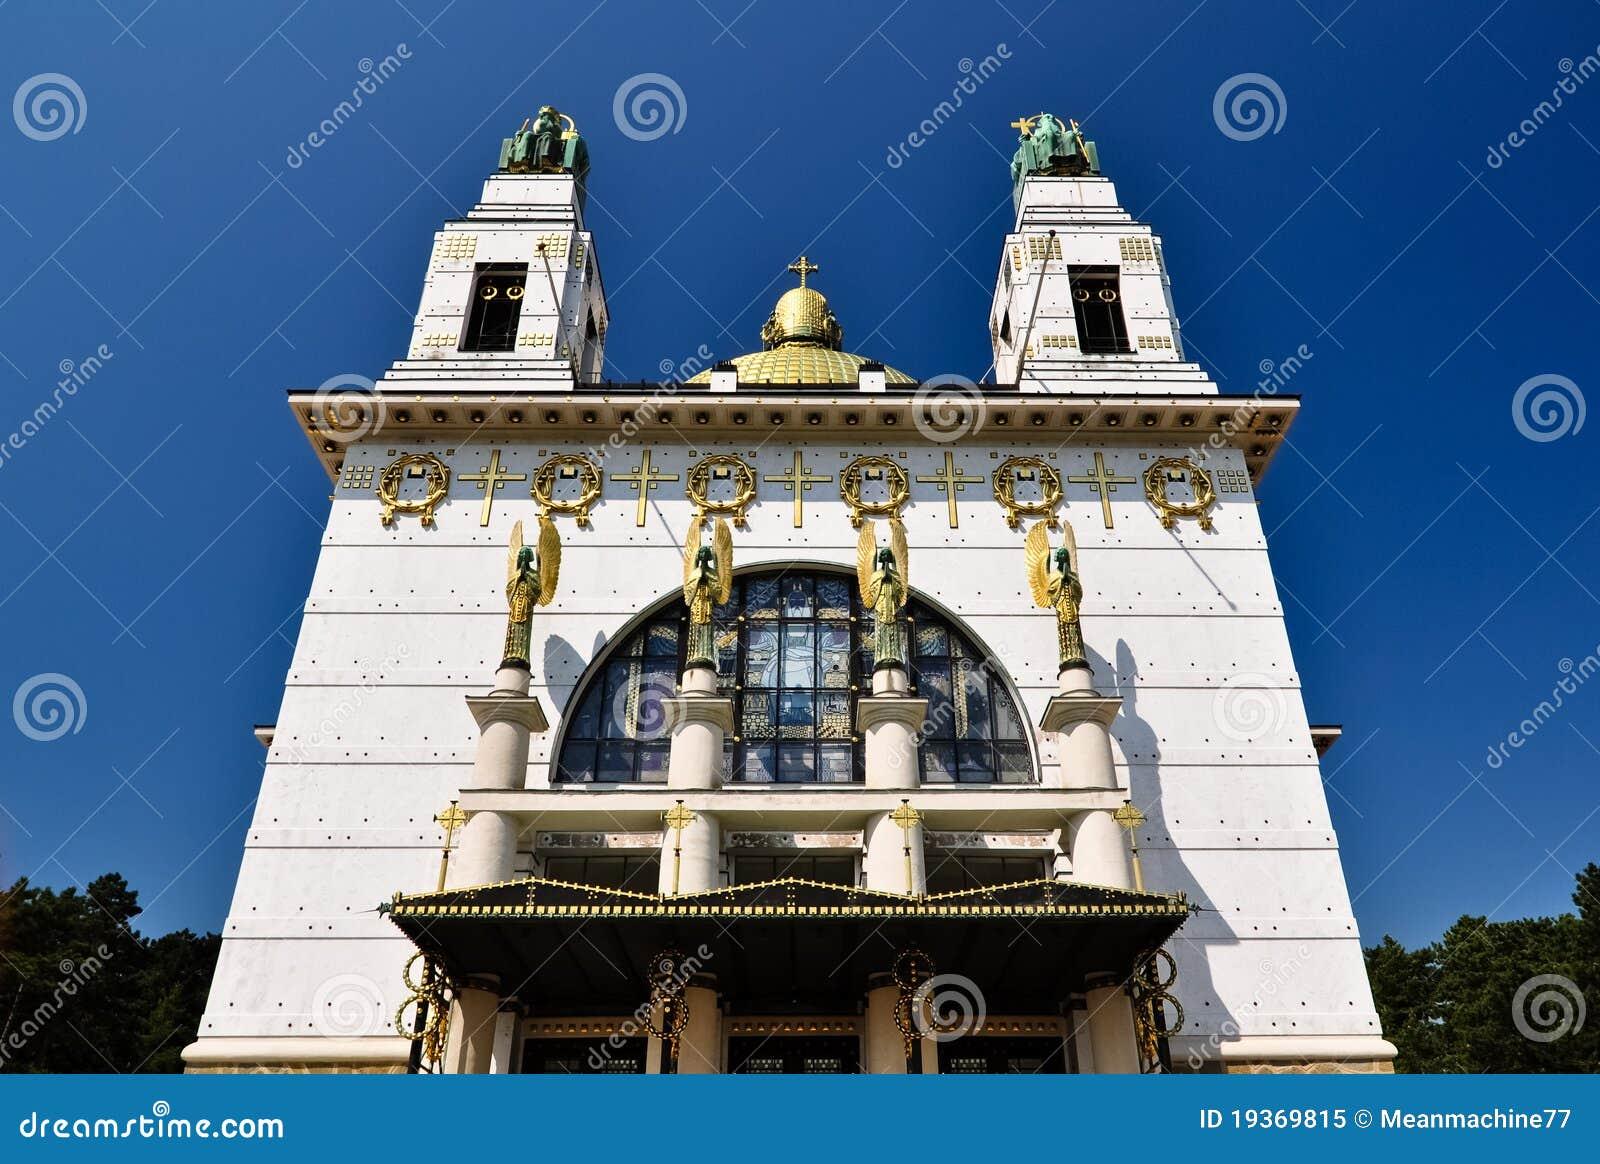 Igreja impressionante do art deco com cuppola dourado